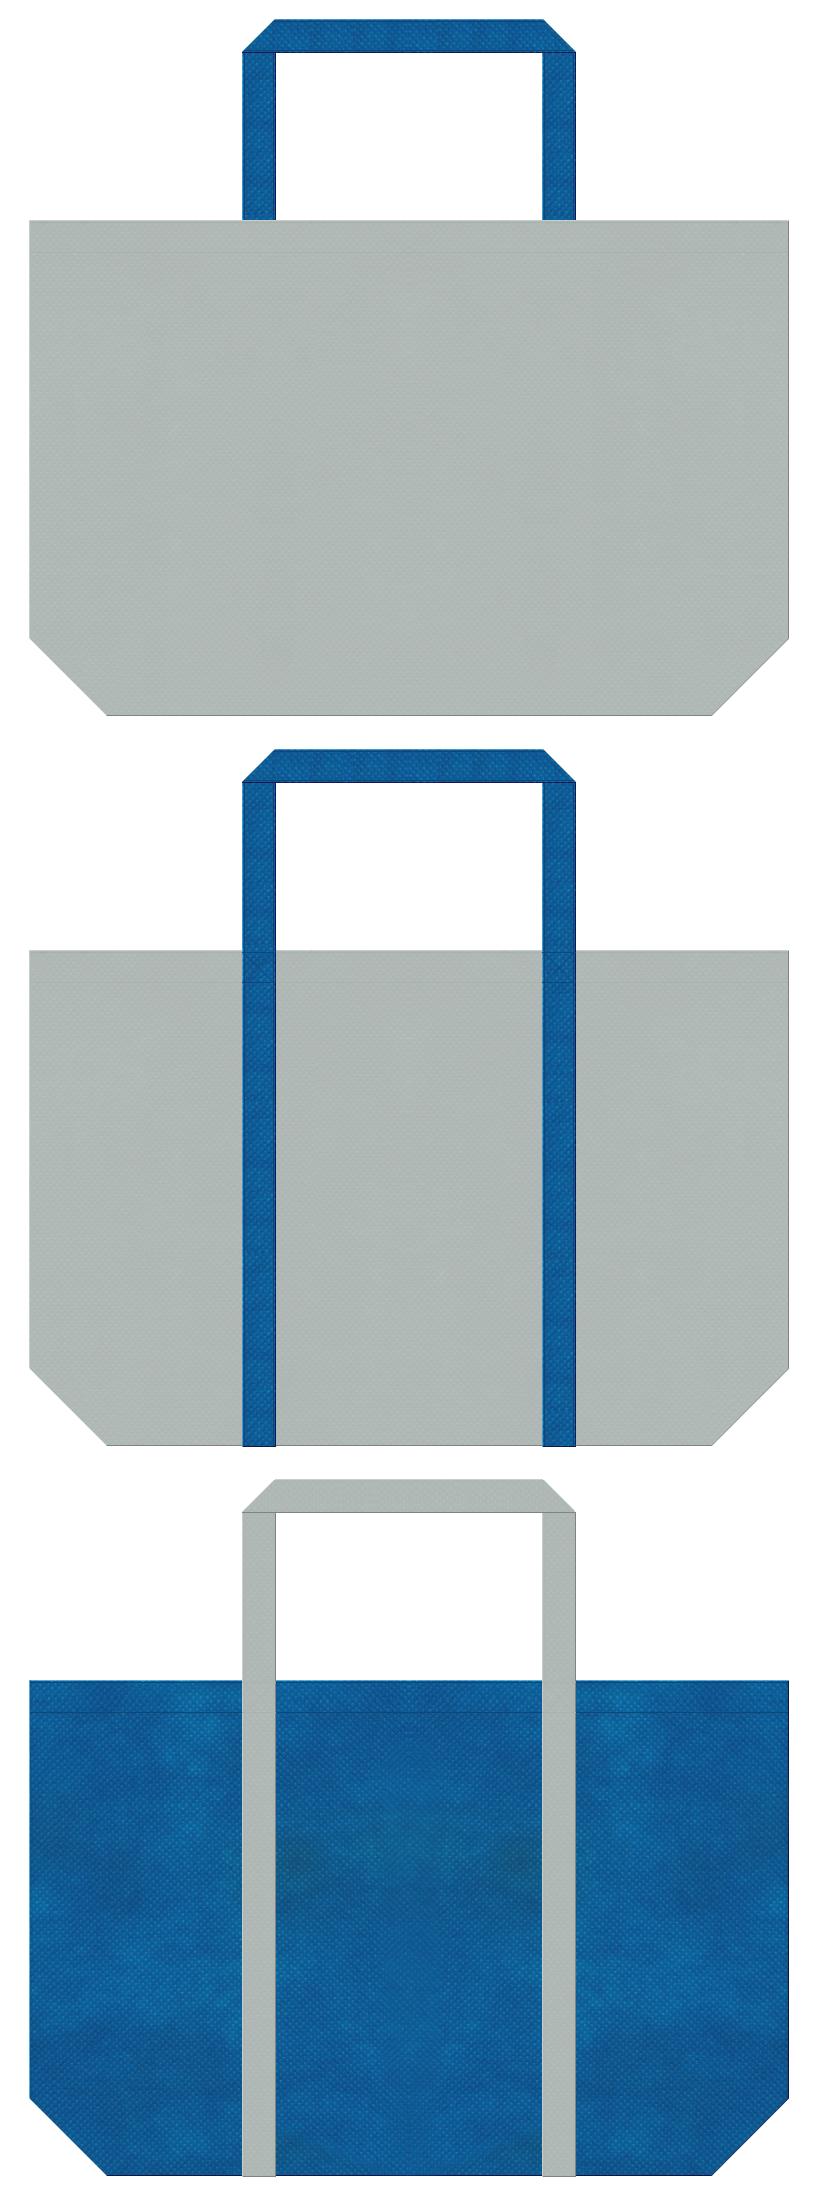 グレー色と青色の不織布エコバッグのデザイン。ランドリーバッグにお奨めの配色です。